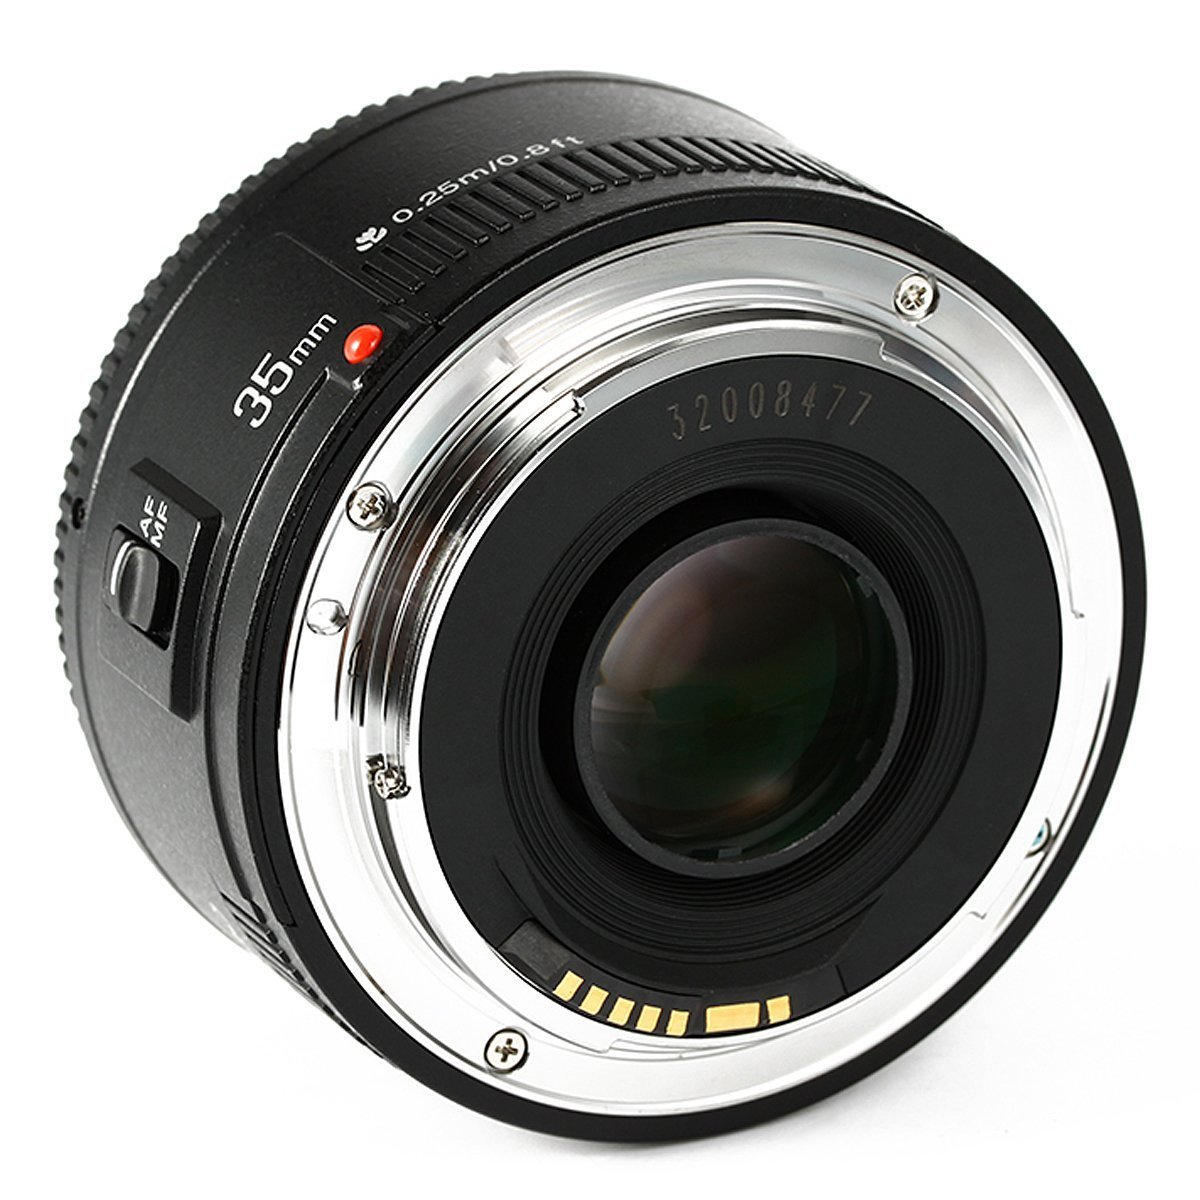 Amalen YN35mm Auto Focus Lens DSC Accessories Black Electronics ...